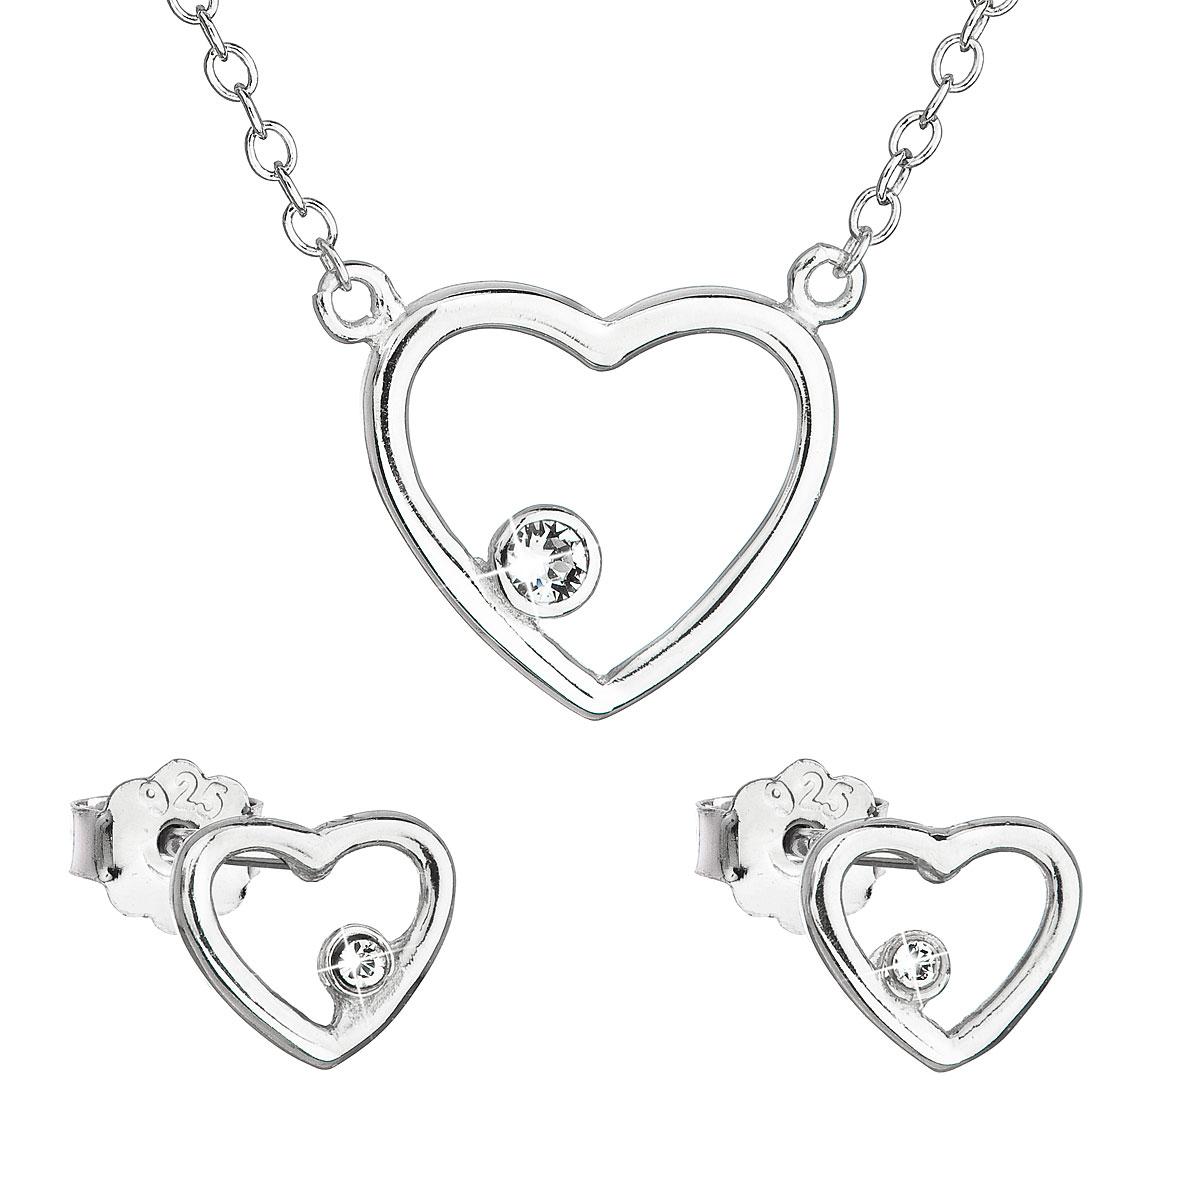 Sada šperkov s krištáľmi Swarovski náušnice a náhrdelník biele srdce 39163.1